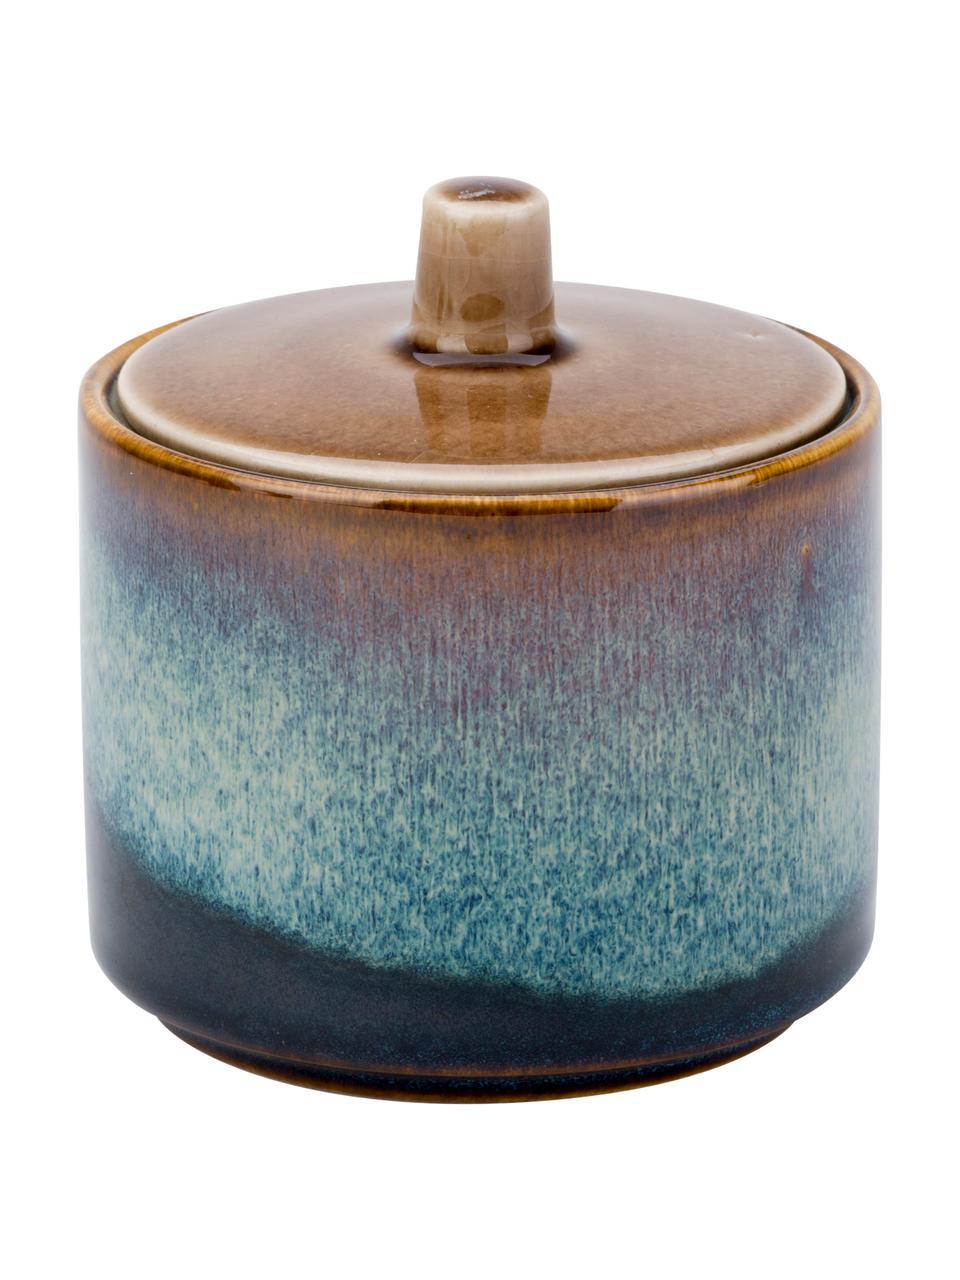 Sucrier porcelaine fait main Quintana, Tons bleus et bruns